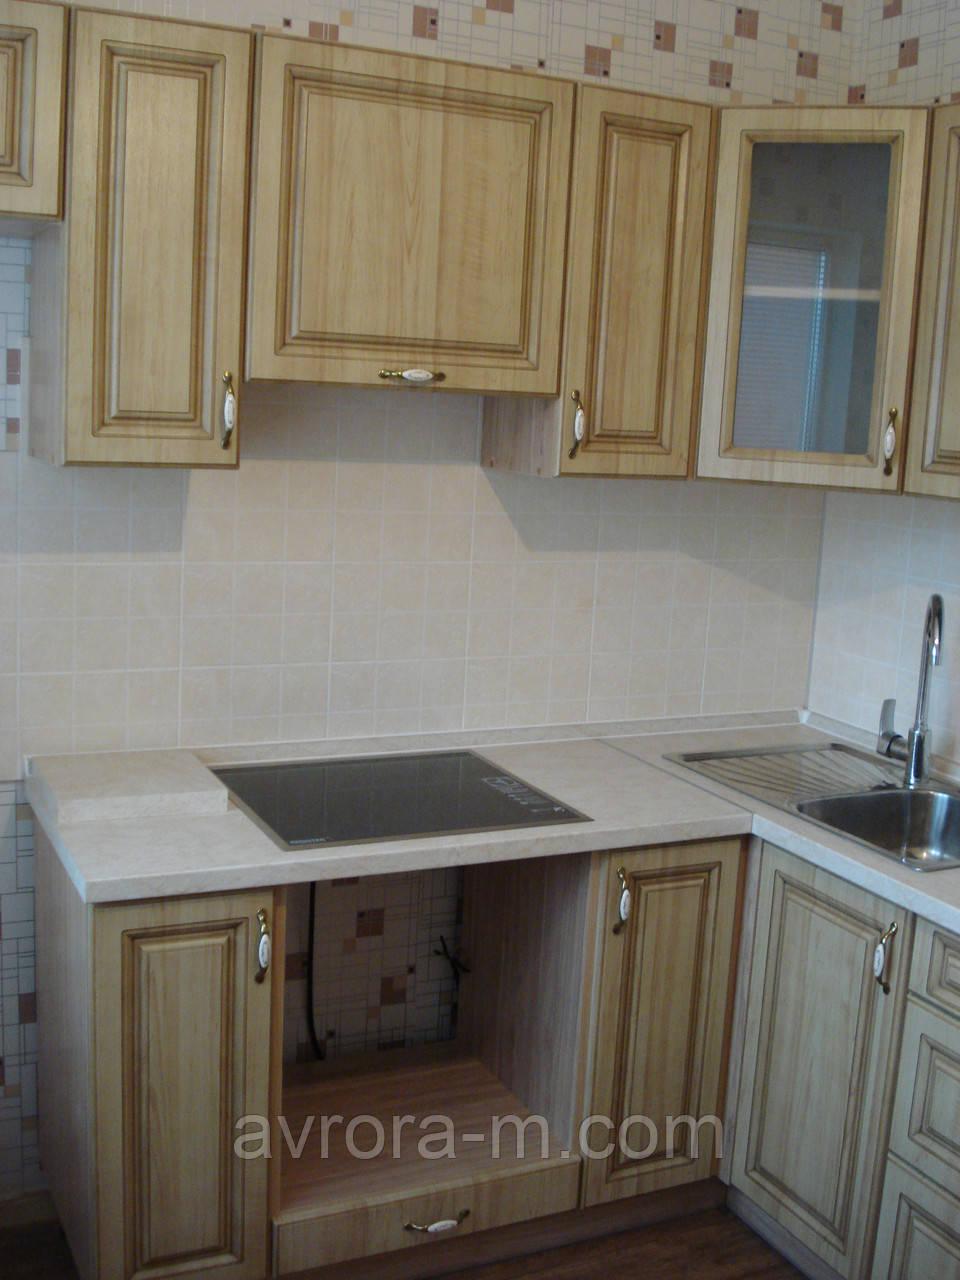 Кухня с патиновой отделкой